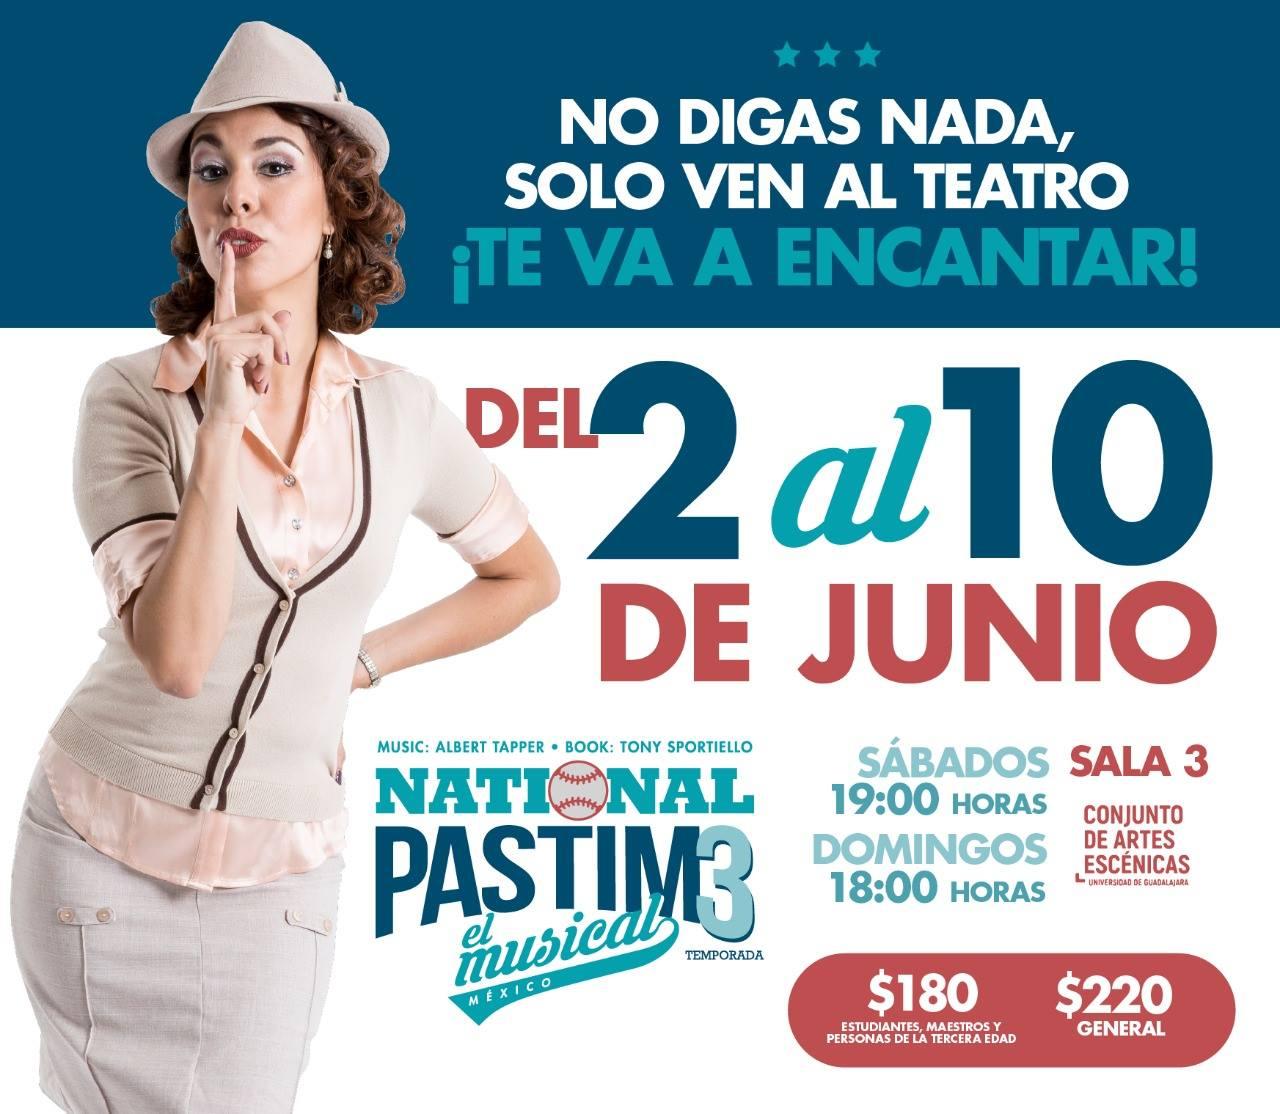 National Pastime, Tercera Temporada - 2 al 10 de Junio en Conjunto de Artes Escénicas